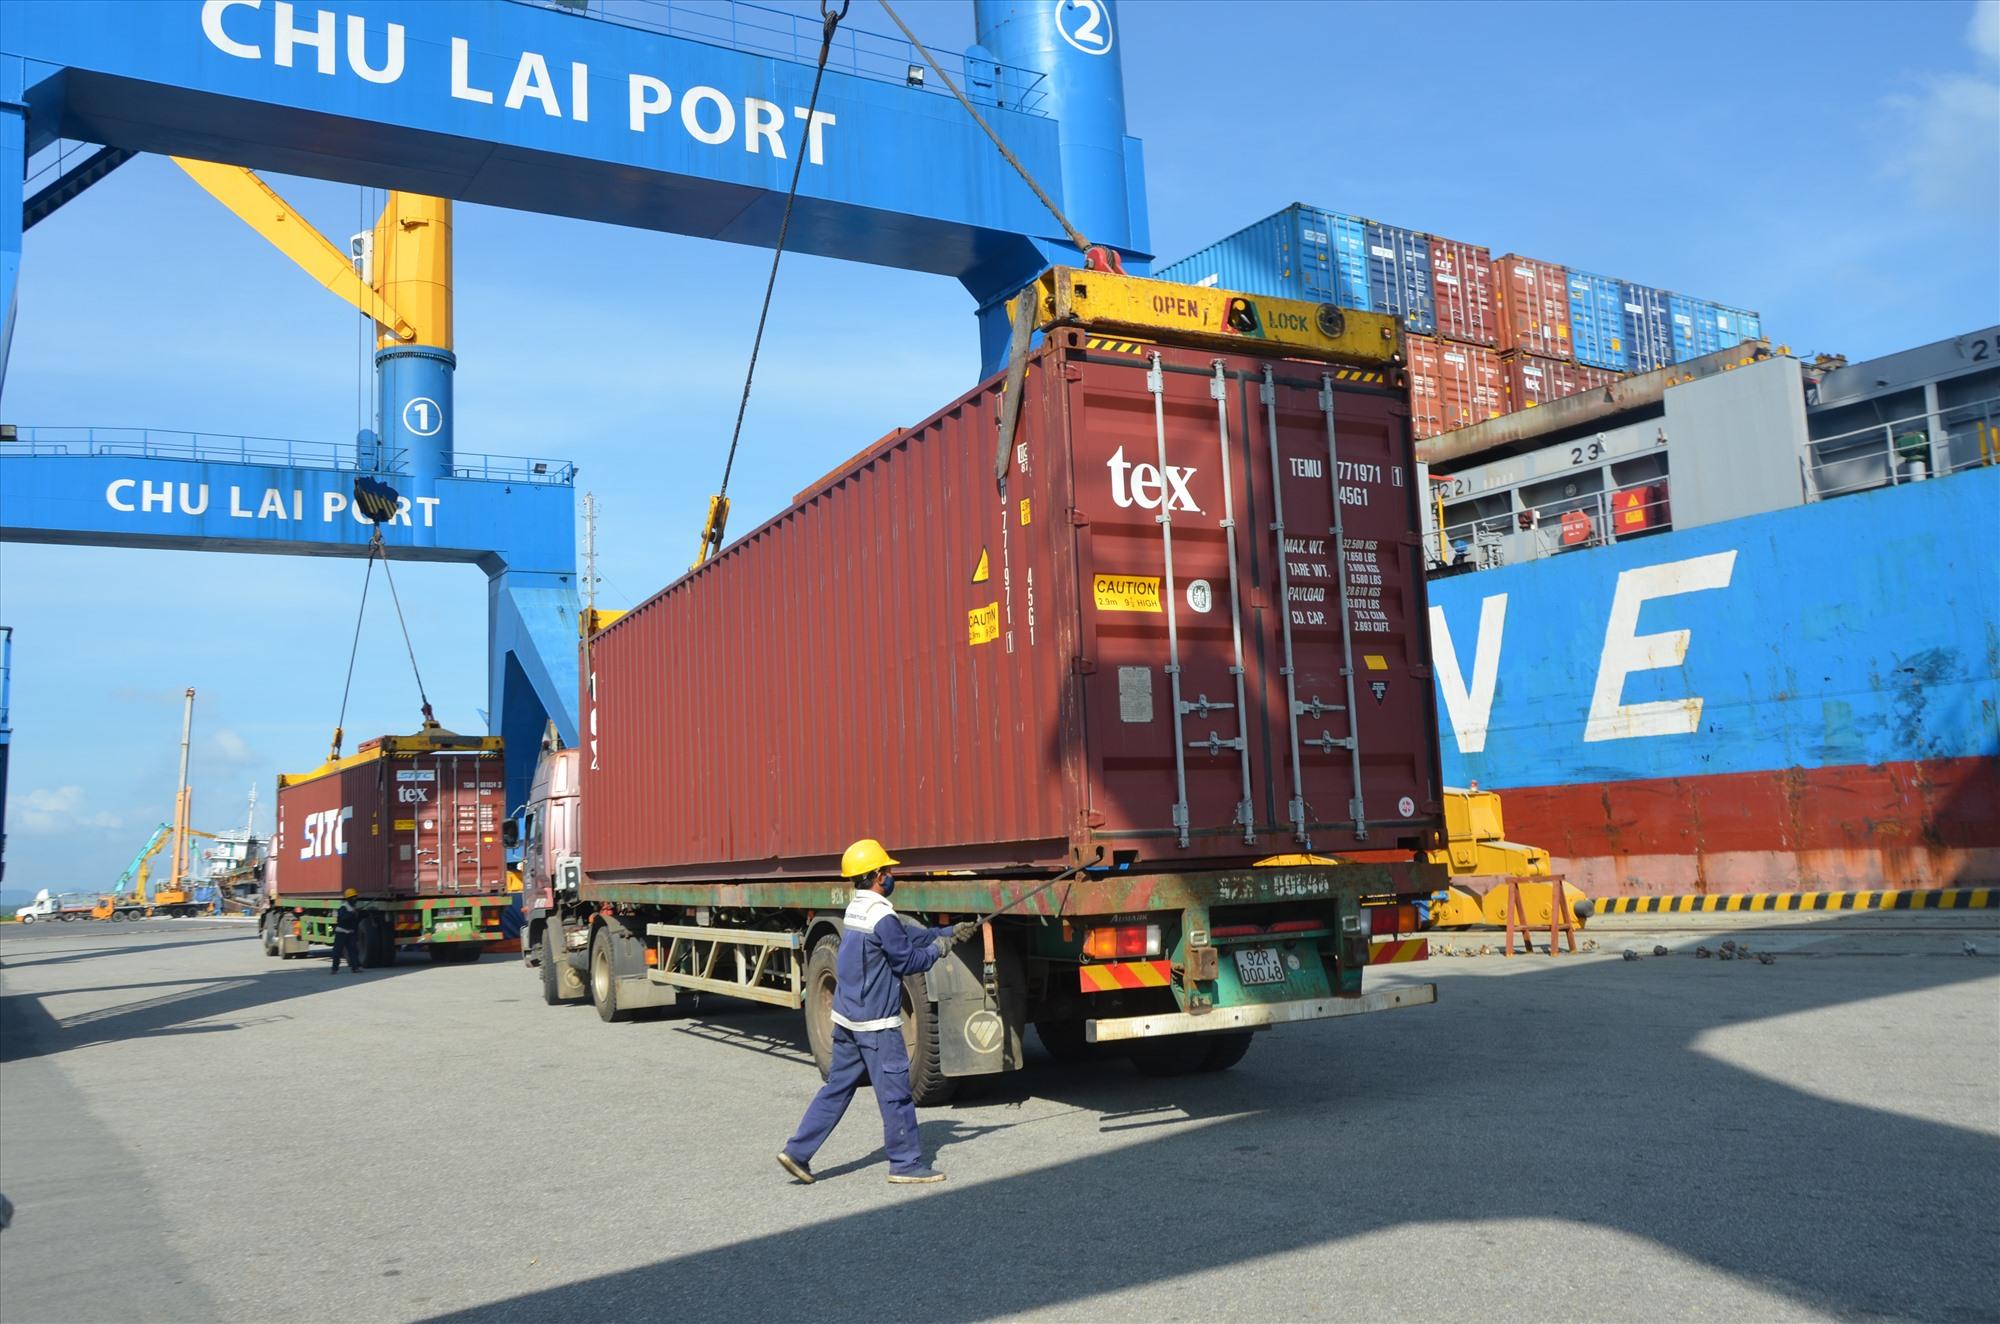 Hệ thống cảng Trường Hải - Chu Lai đa dạng dịch vụ, giảm chi phí vận chuyển logictics. Ảnh: H.P